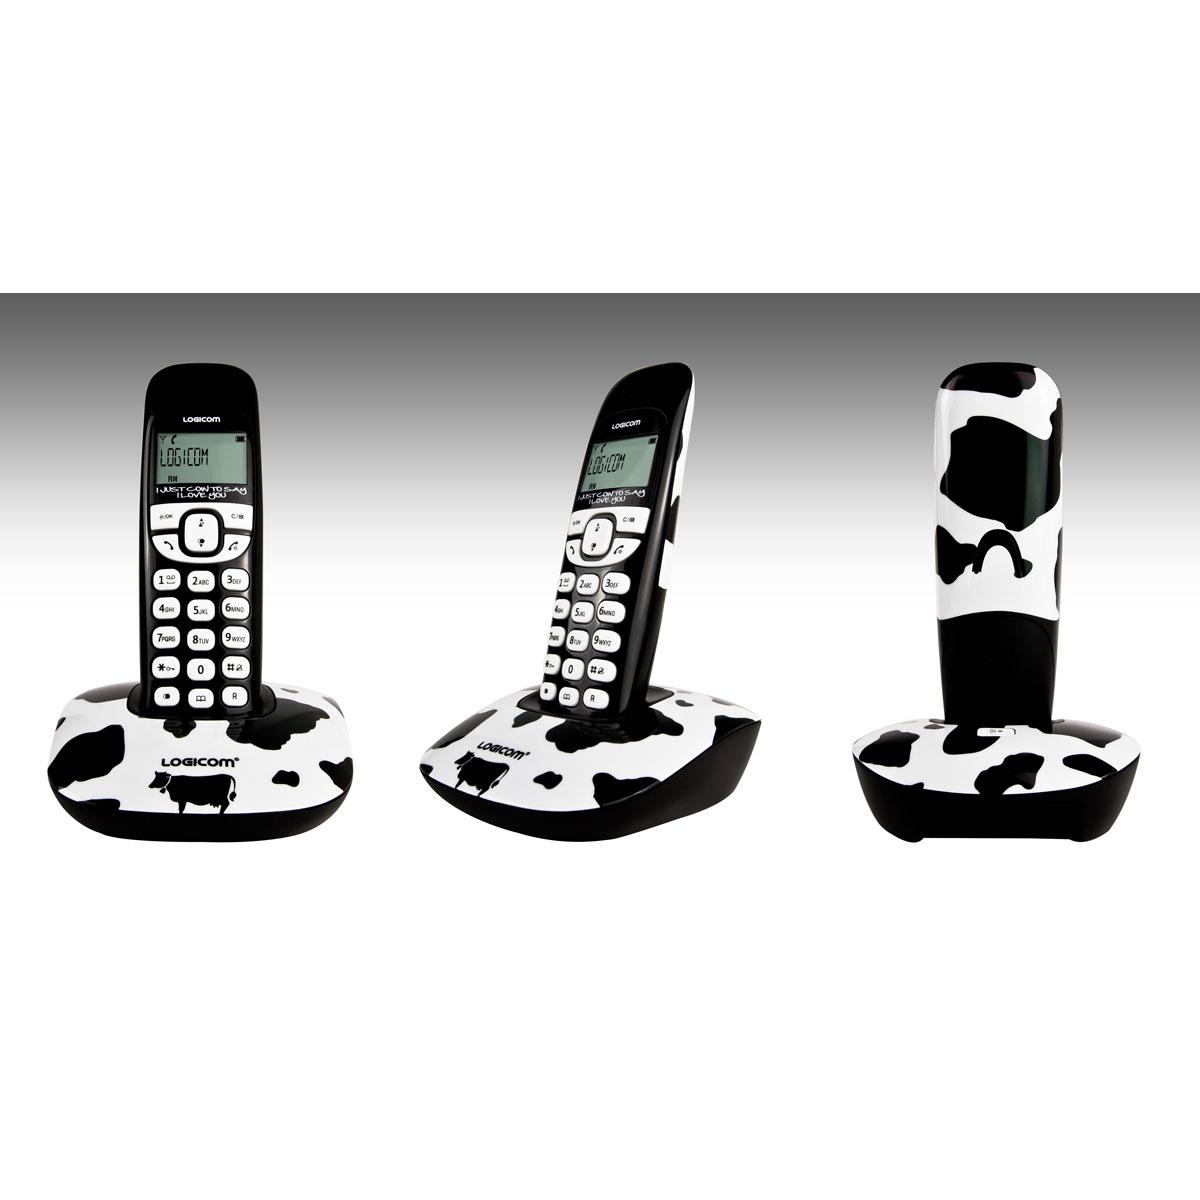 logicom soly 150 art vache t l phone sans fil logicom sur ldlc. Black Bedroom Furniture Sets. Home Design Ideas